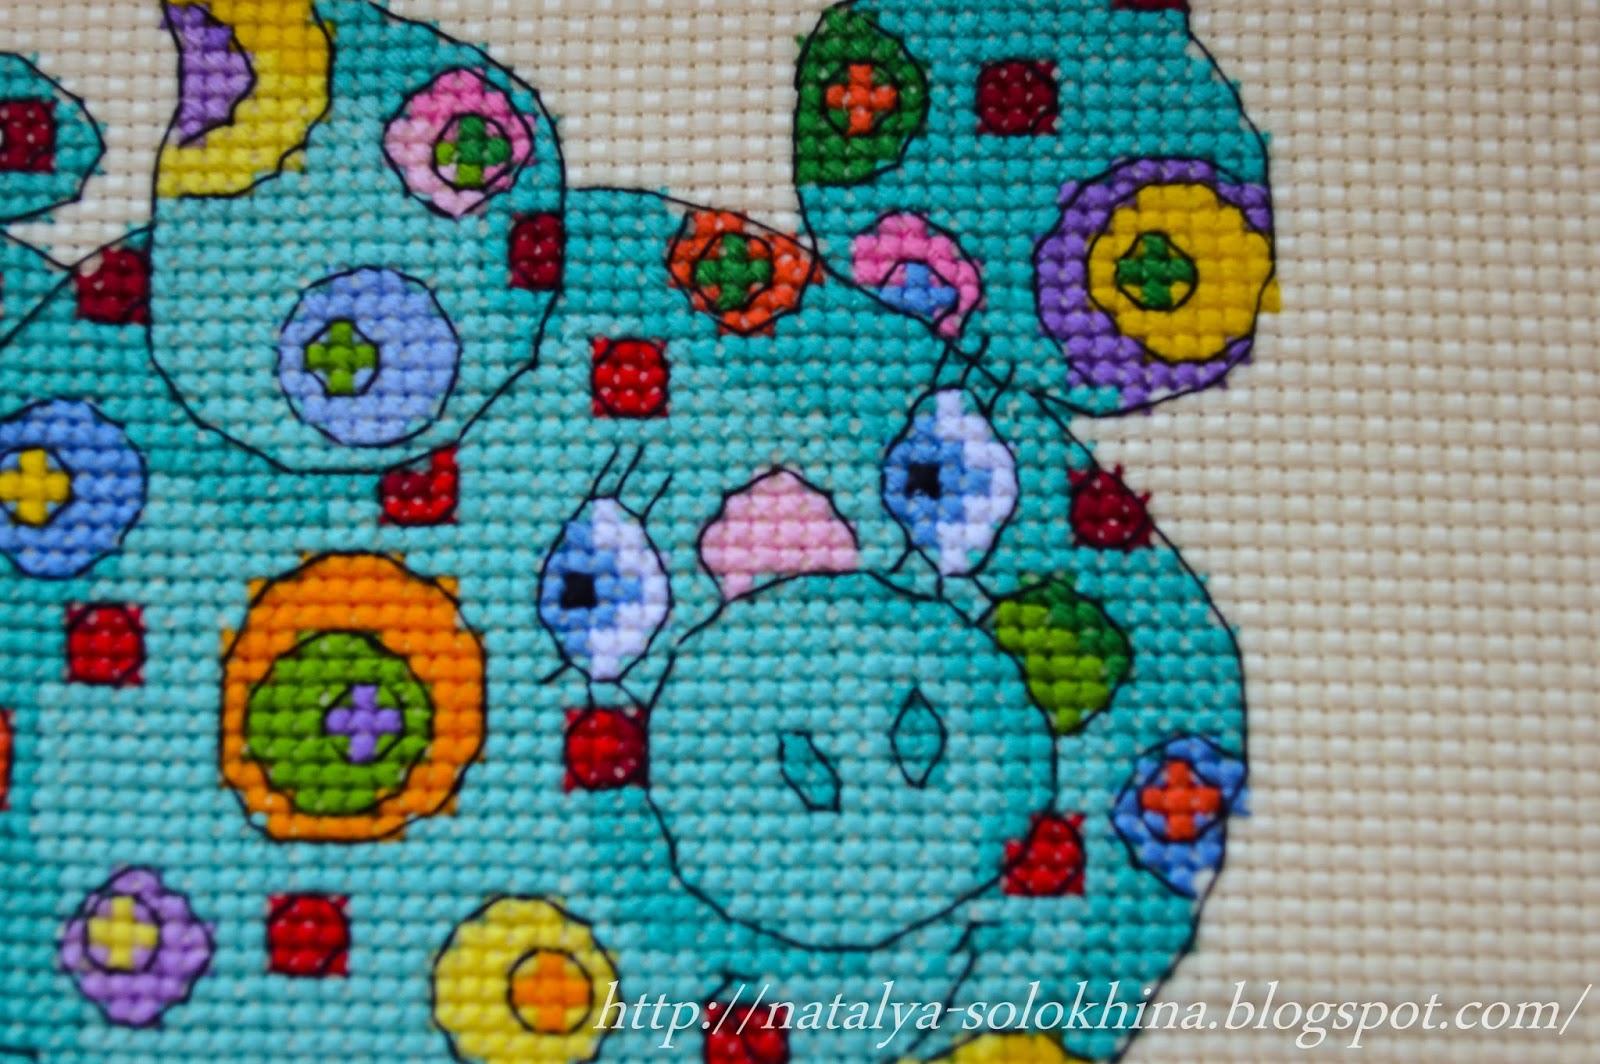 схема вышивки крестиком от carolyn manning designs